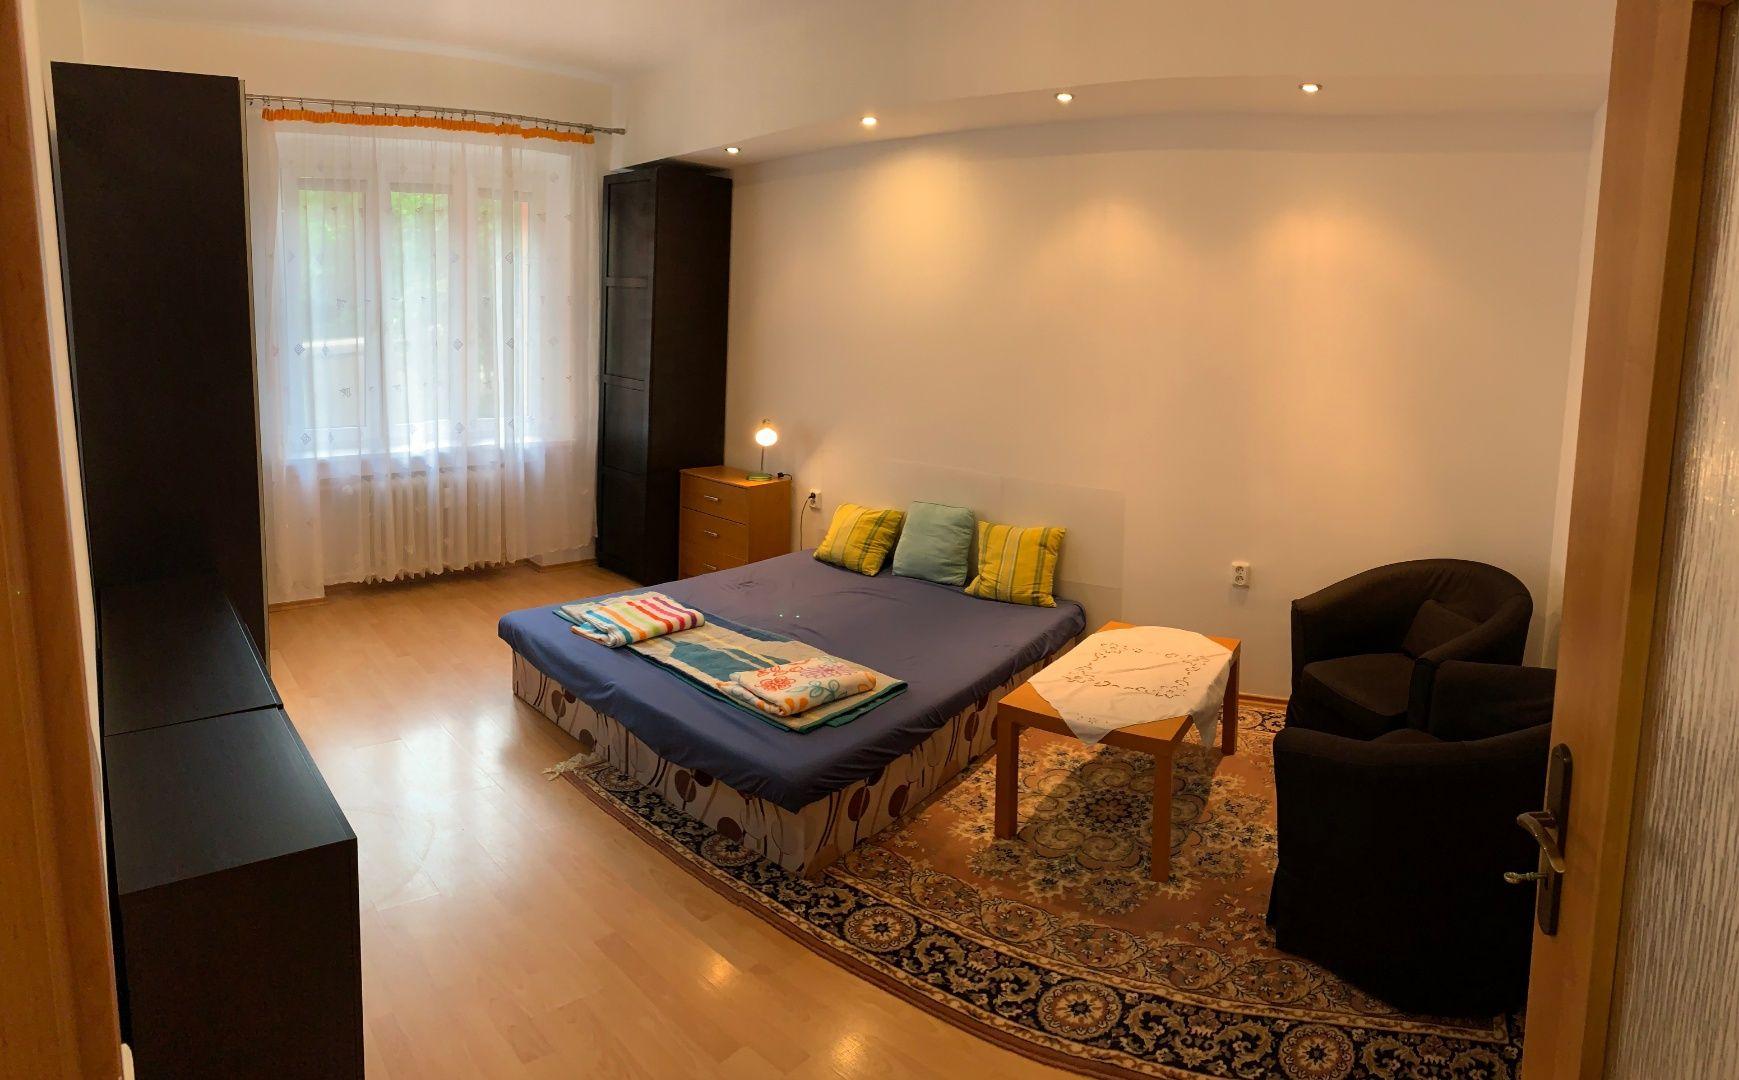 NA PRENÁJOM: 1-izbový byt po kompletnej rekonštrukcii v atraktívnej lokalite Starého mesta.